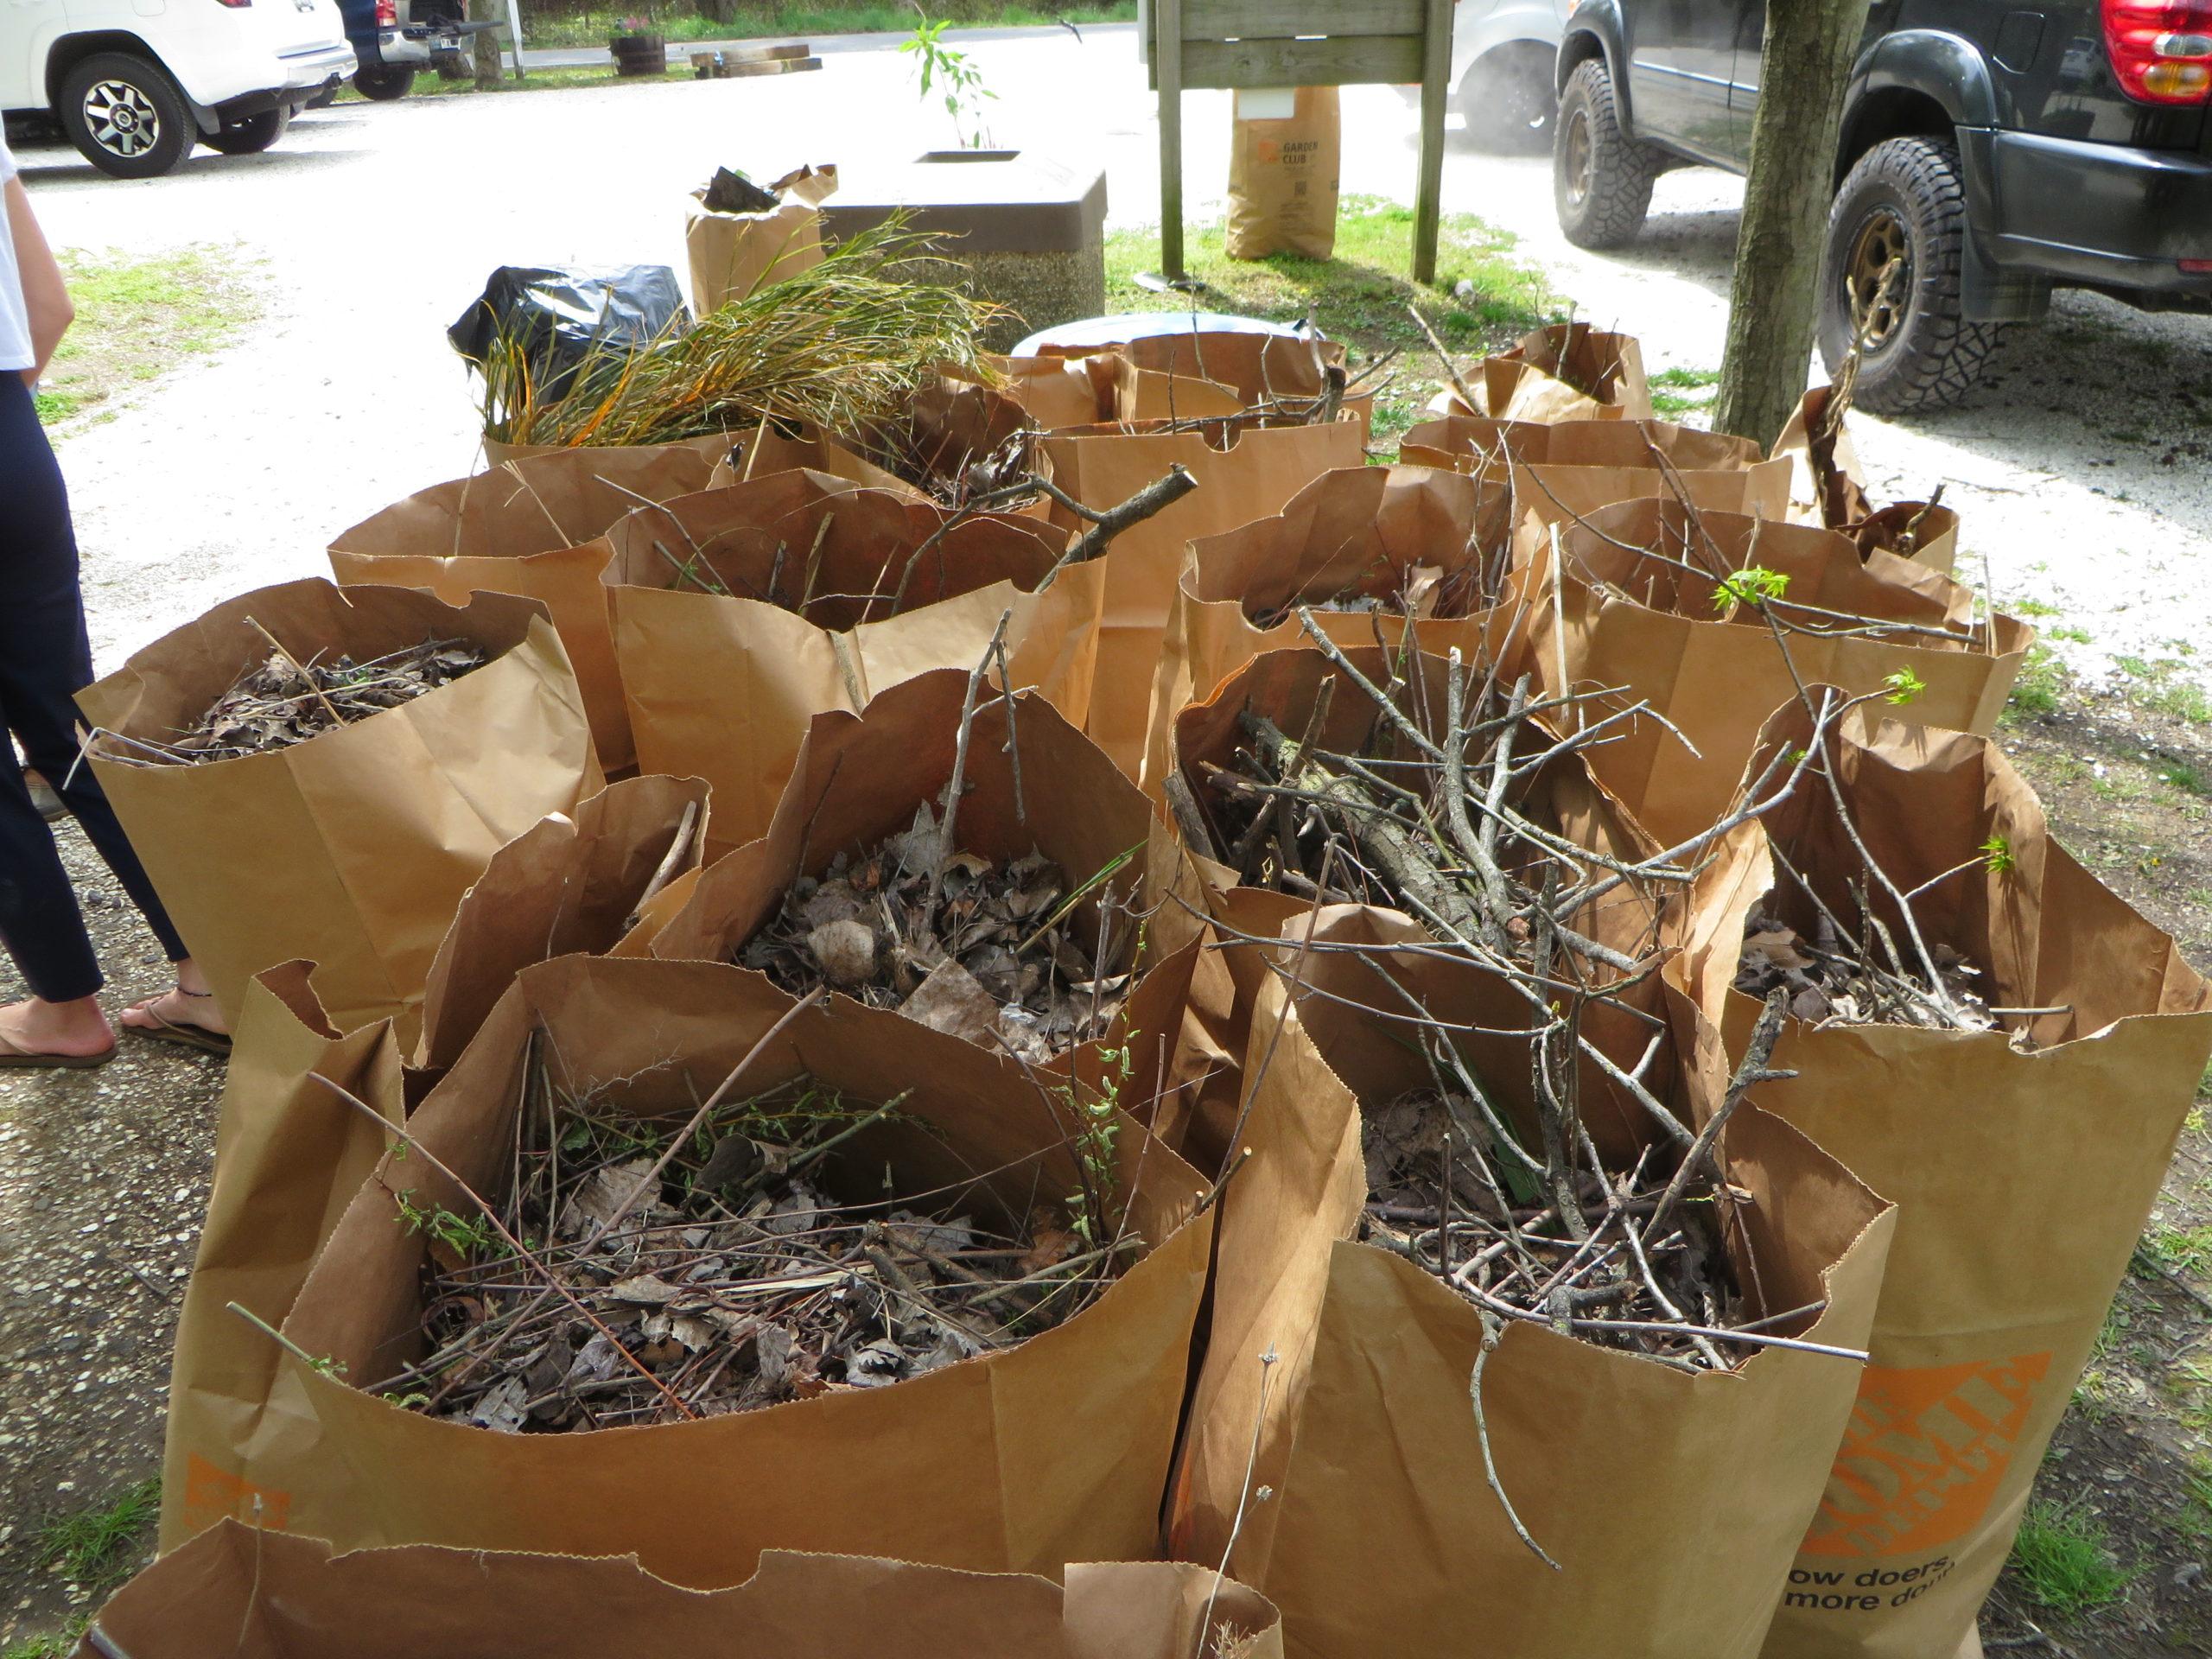 Bags of Yard Waste